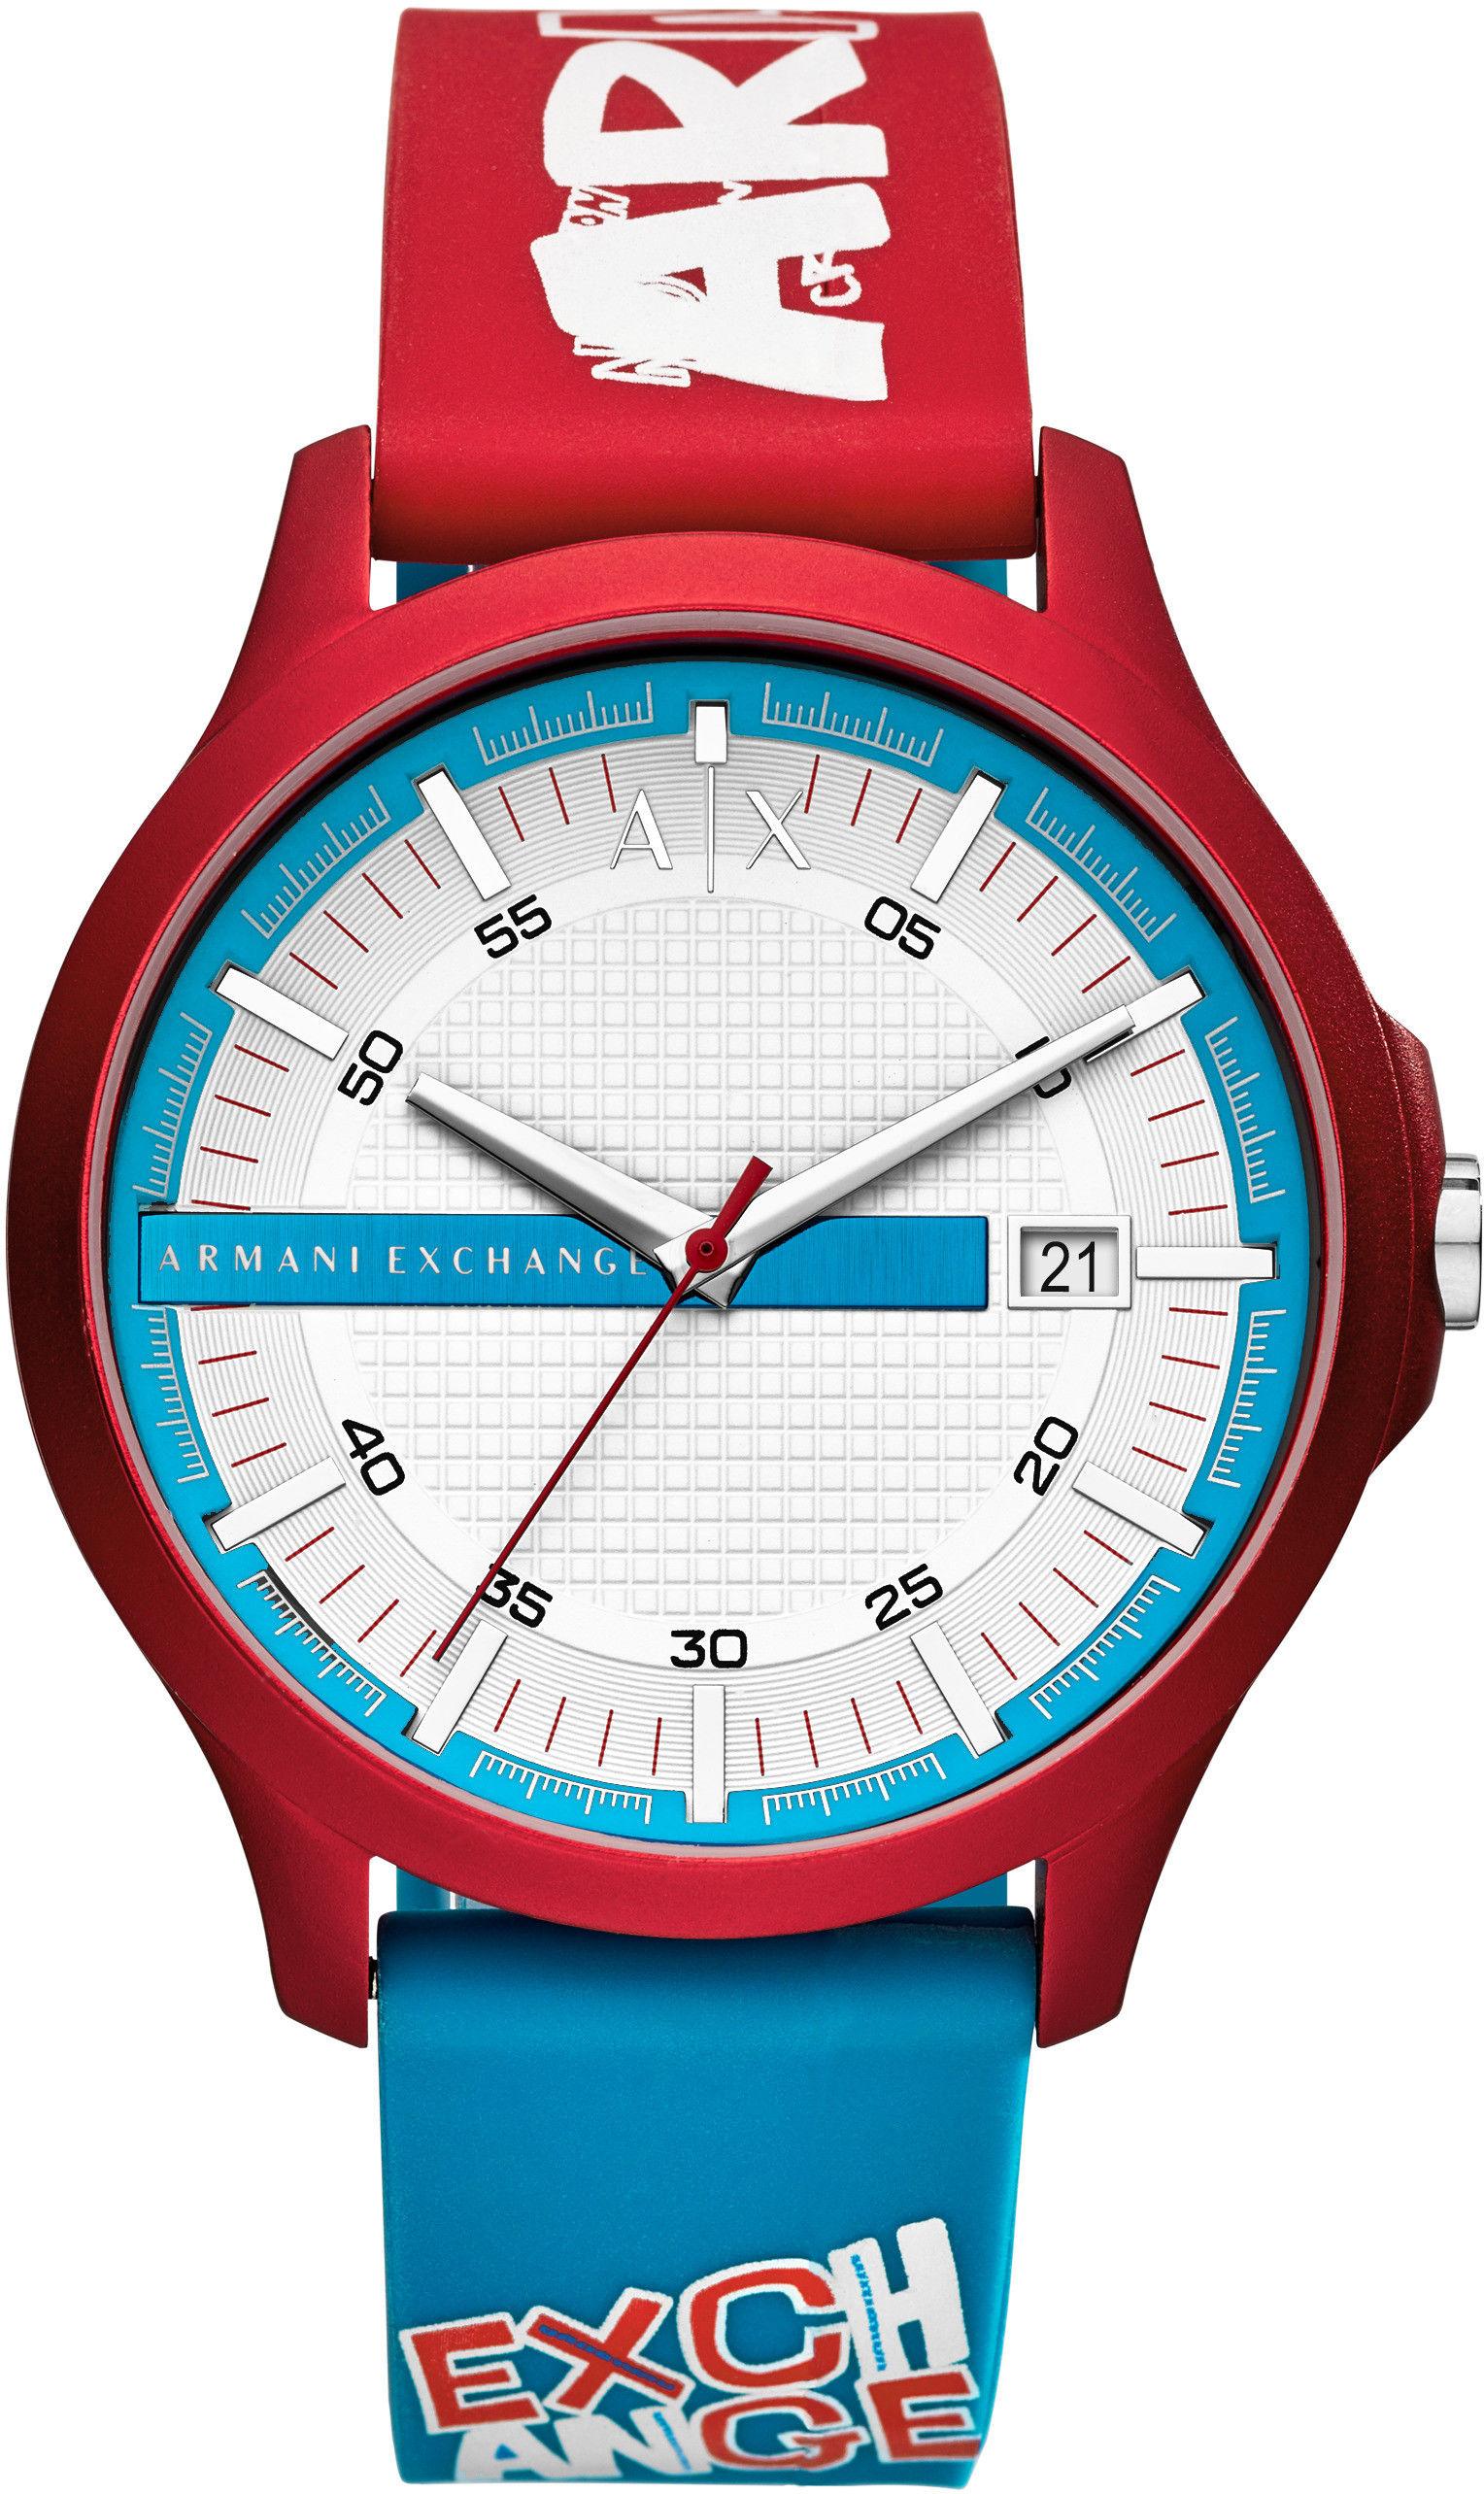 Zegarek Armani Exchange AX2409 HAMPTON - CENA DO NEGOCJACJI - DOSTAWA DHL GRATIS, KUPUJ BEZ RYZYKA - 100 dni na zwrot, możliwość wygrawerowania dowolnego tekstu.